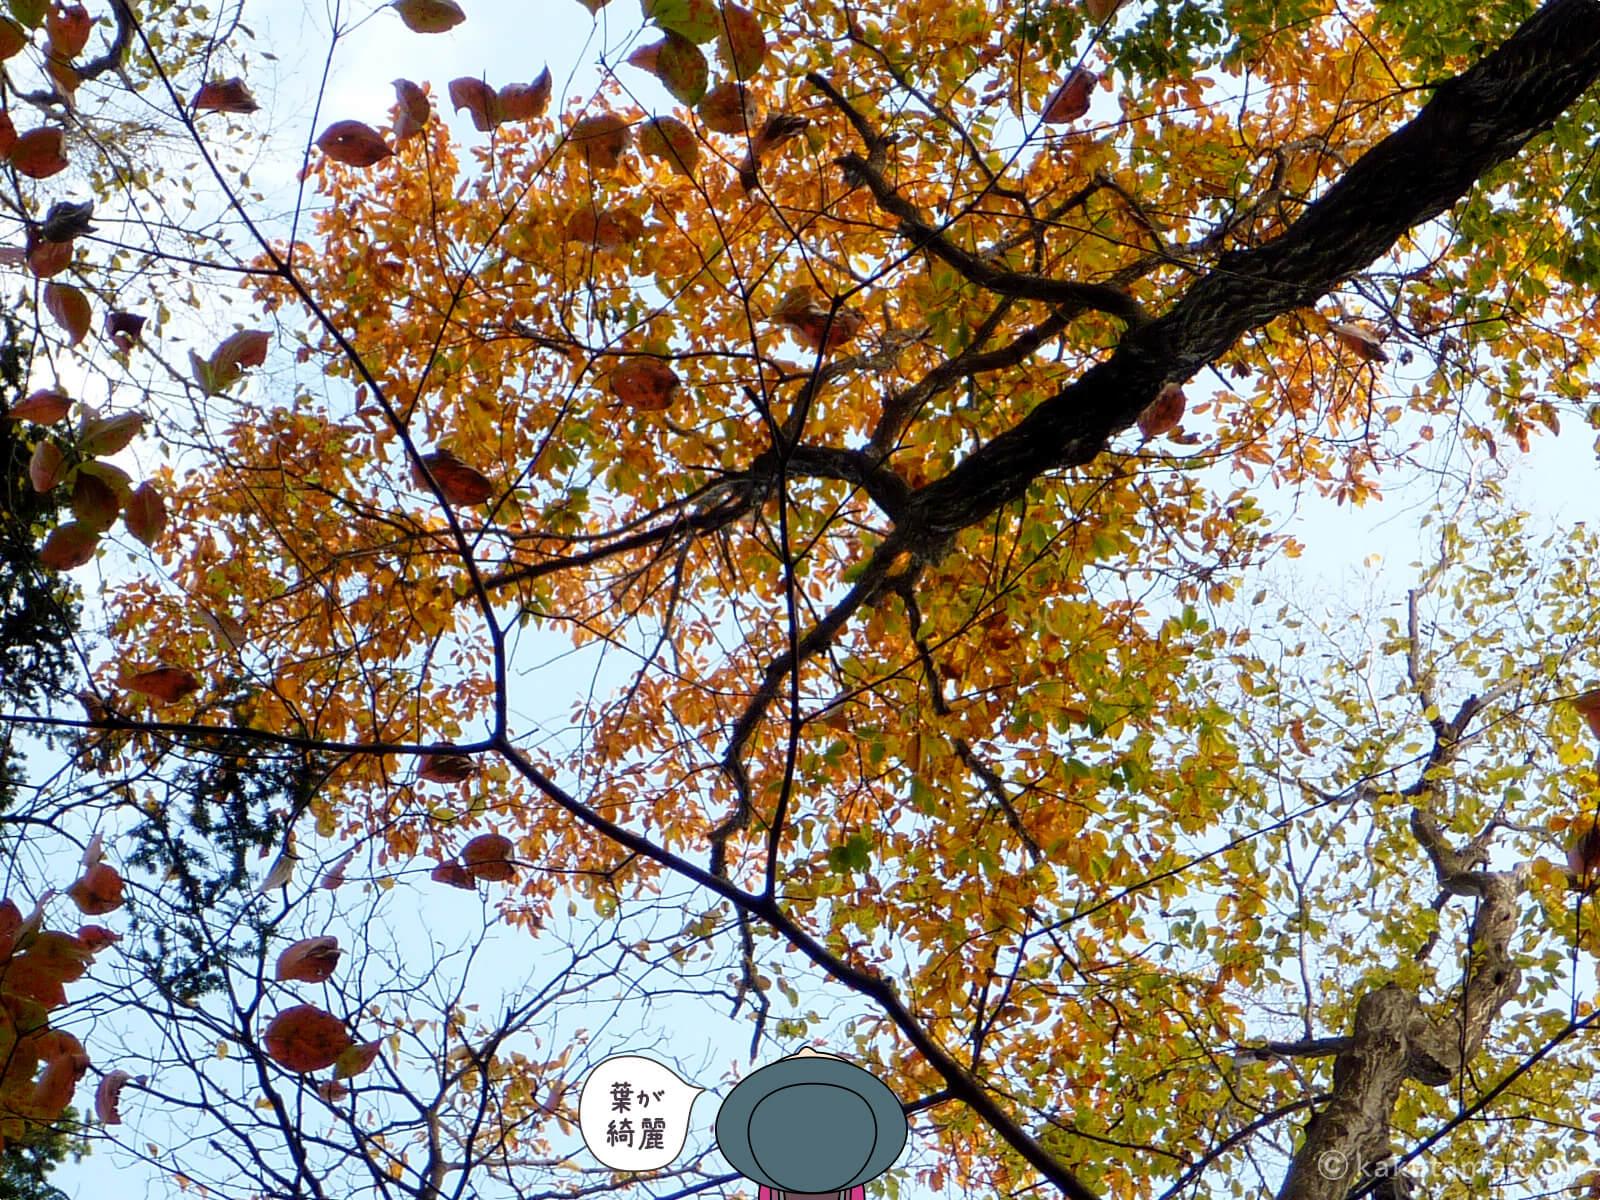 紅葉した葉が綺麗